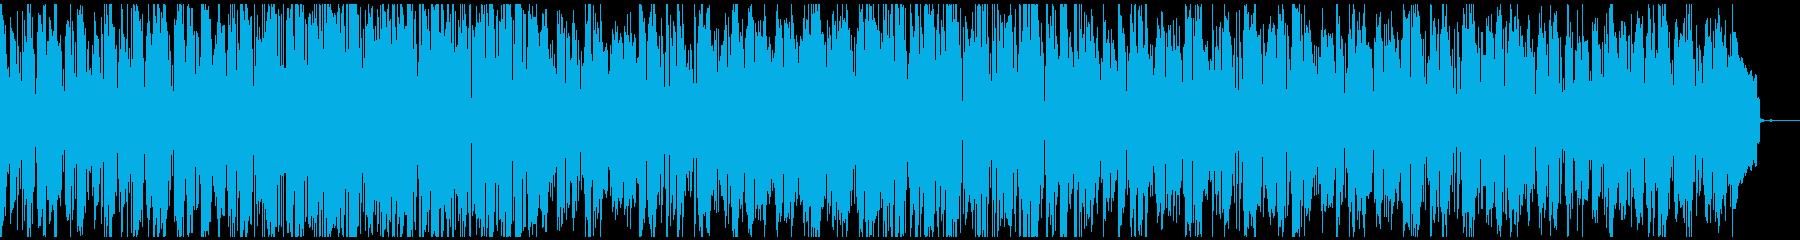 オシャレなピアノのスムースジャズの再生済みの波形